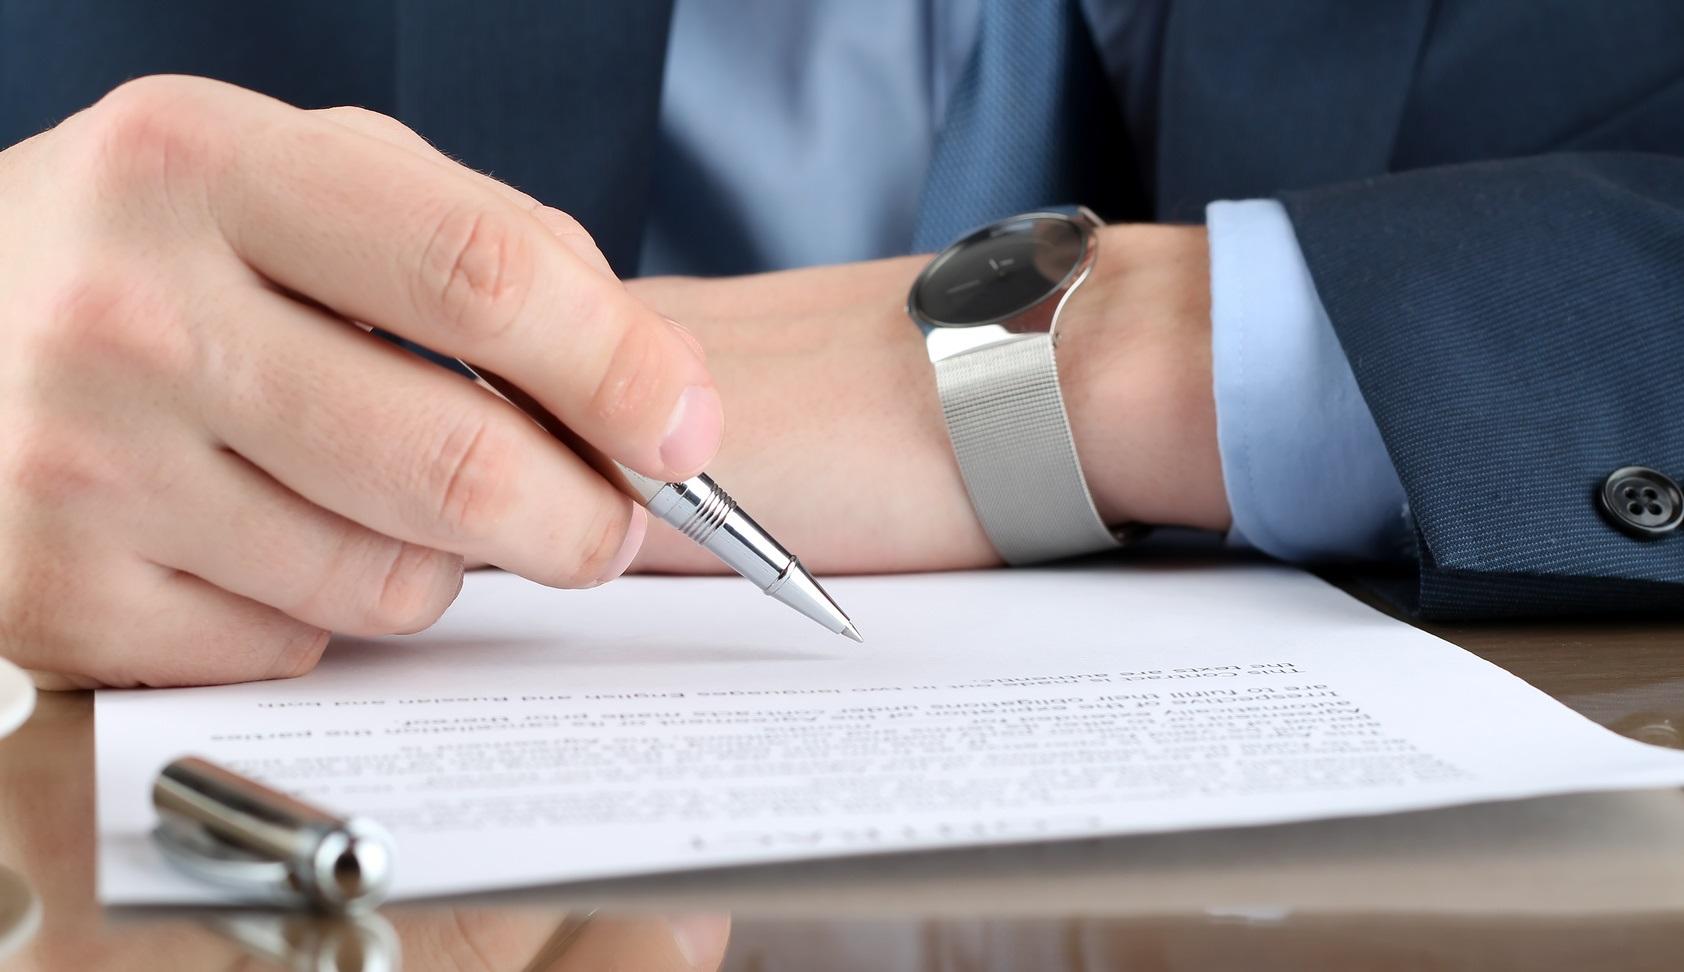 Нижегородским предпринимателям предложено оценить меры муниципалитета по поддержке бизнеса